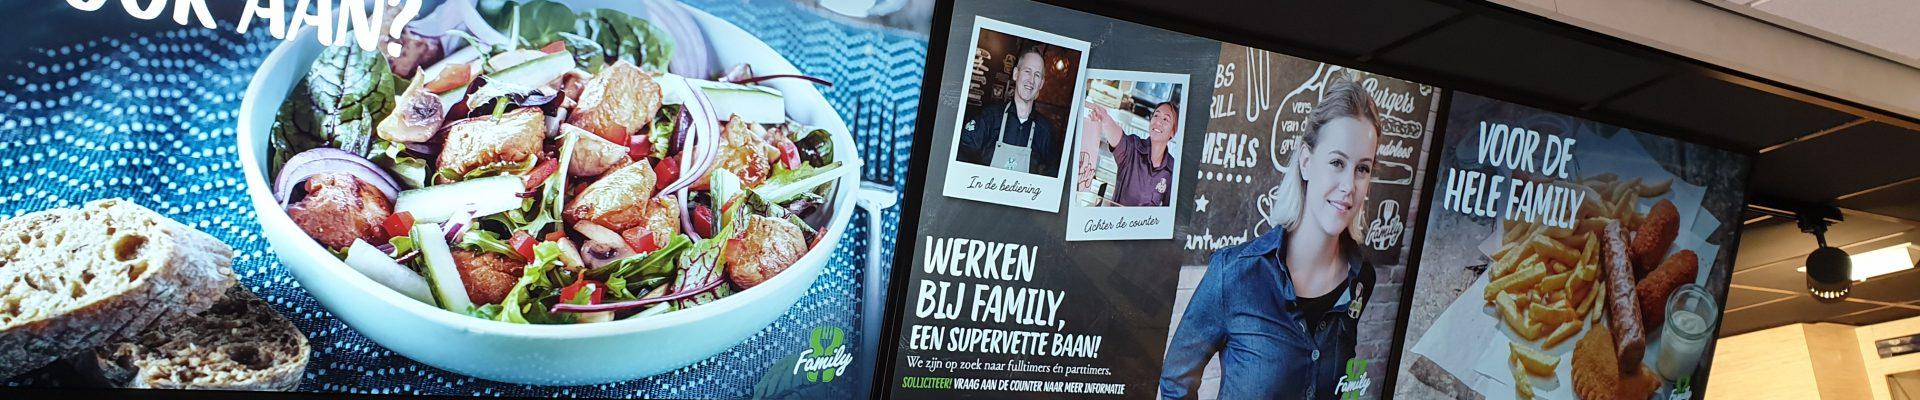 Project Family Zoetermeer Foto 3, Acties, Eenvoud, Verleiden, BENQ, Monitoren